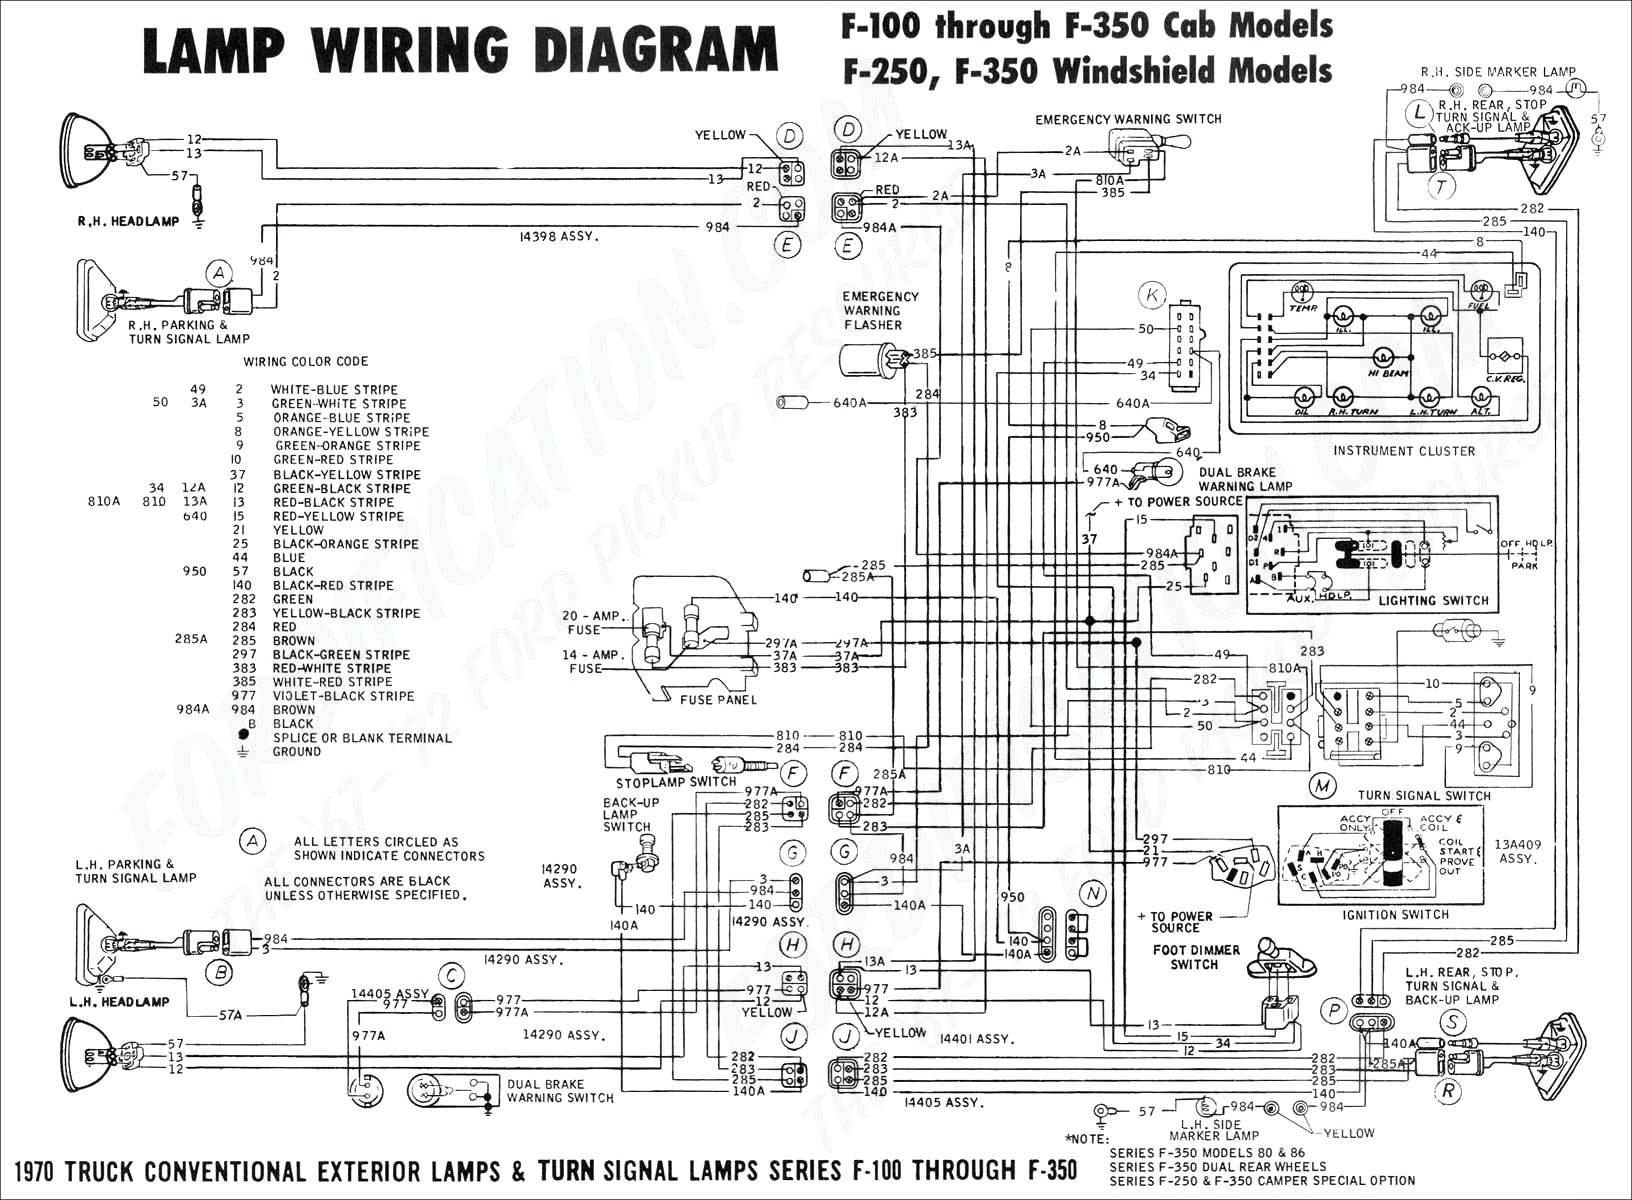 Ford Truck Steering Column Diagram 85 Steering Column Wiring Diagram ford Truck Schematics Wiring Of Ford Truck Steering Column Diagram